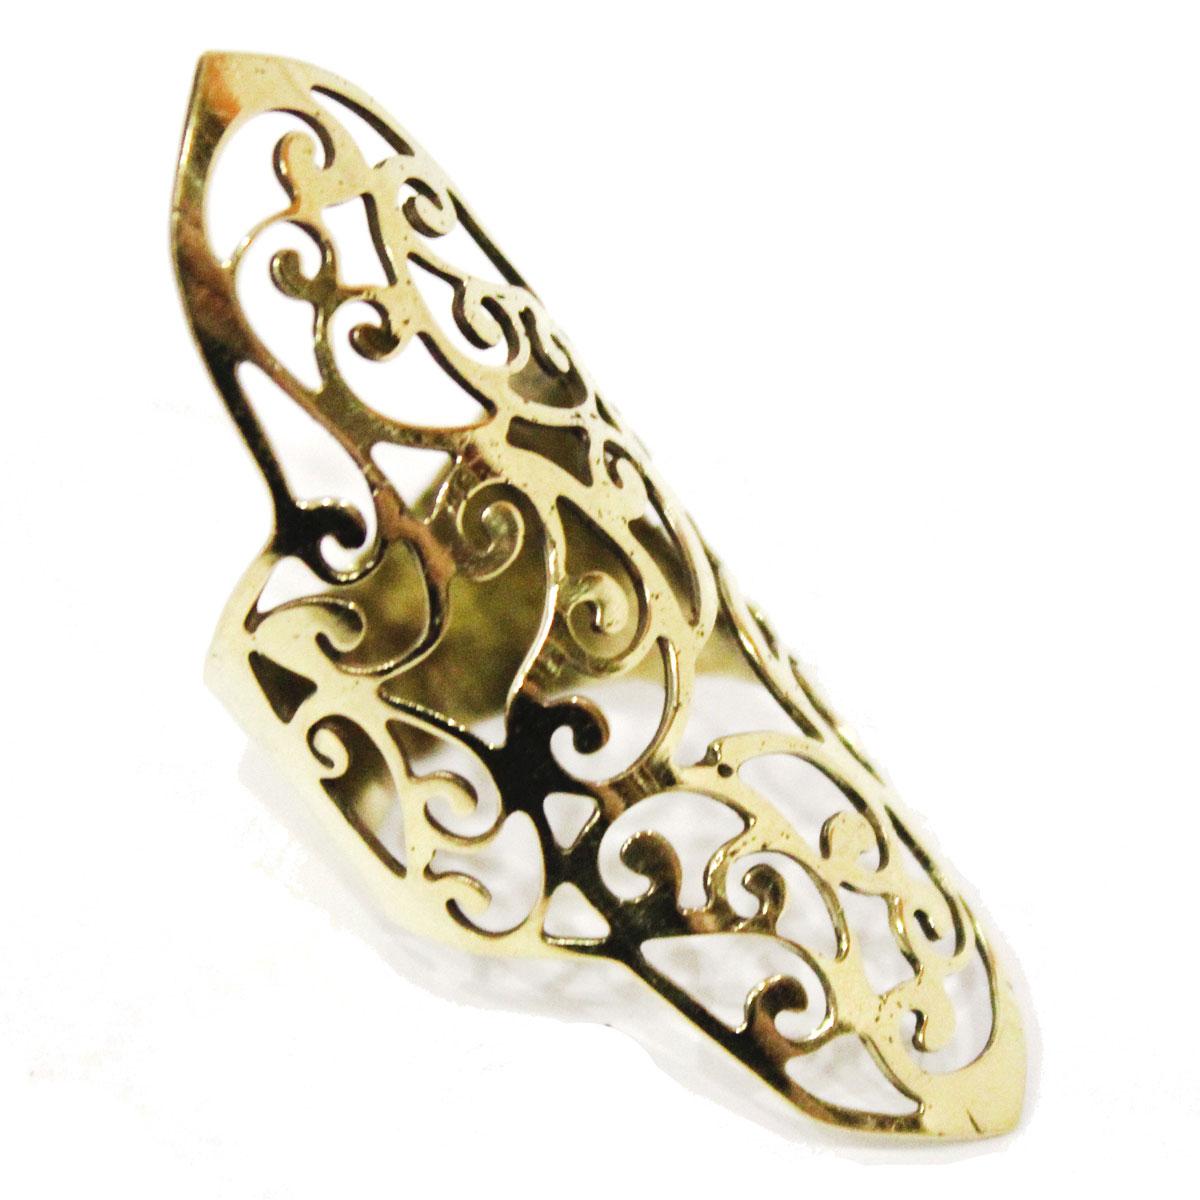 Кольцо Ethnica, цвет: золотой. 165090_2165090Стильное кольцо Ethnica выполнено из металлического сплава, оформлено оригинальным ажурным плетением. Элегантное кольцо Ethnica превосходно дополнит ваш образ и подчеркнет отменное чувство стиля своей обладательницы.